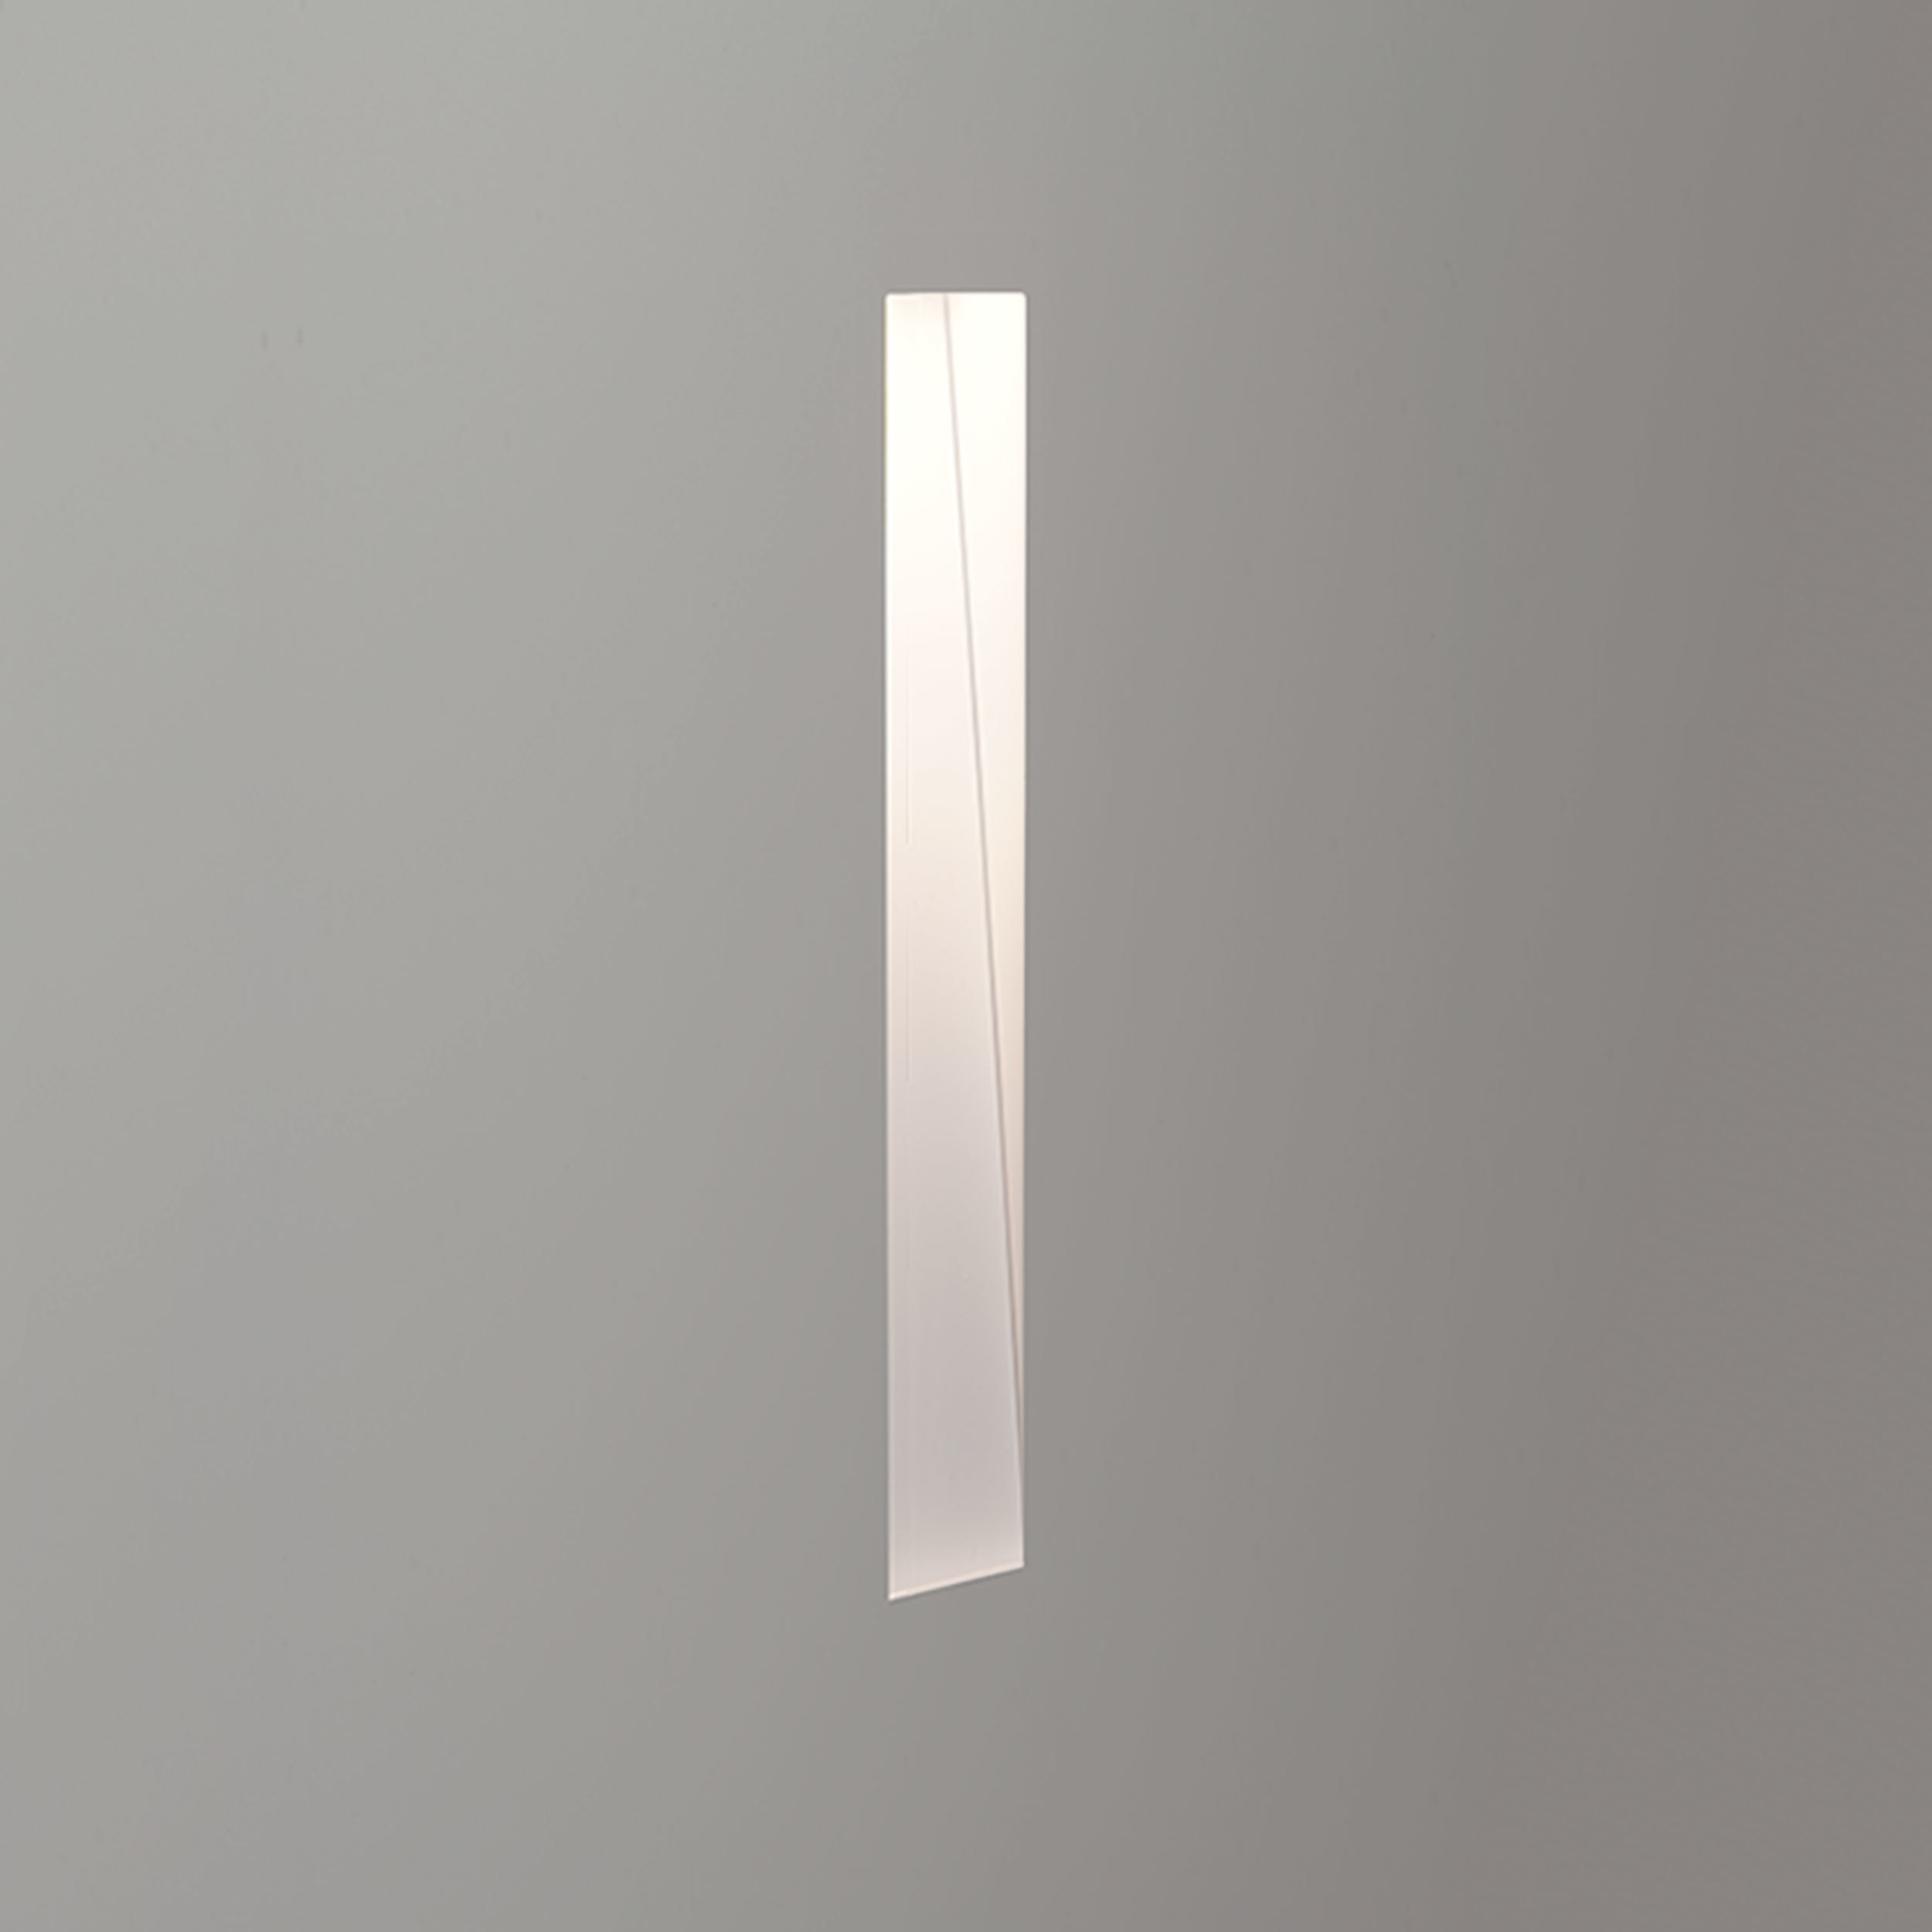 Встраиваемый настенный светодиодный светильник Astro Borgo Trimless 1212038 (7567), LED 2W 3000K 56lm CRI80, белый, металл - фото 1